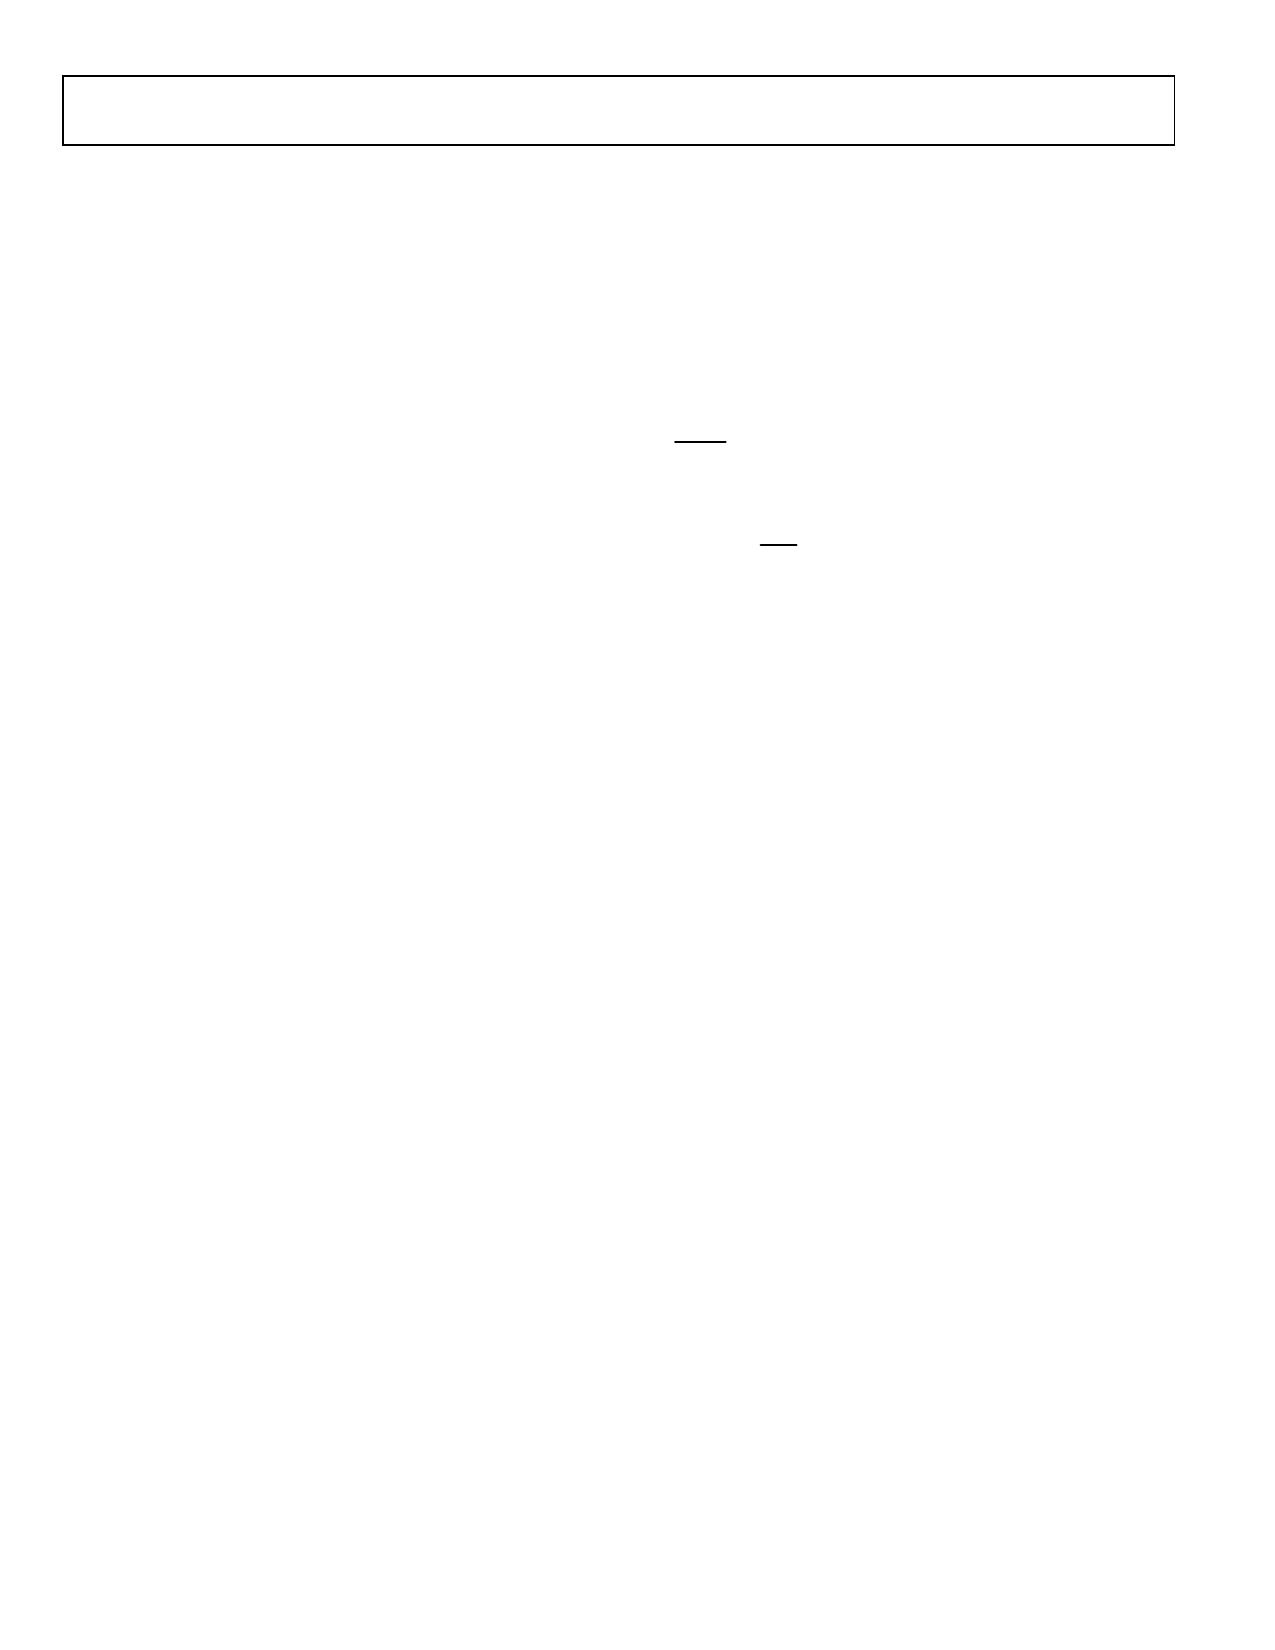 AD5667R Даташит, Описание, Даташиты